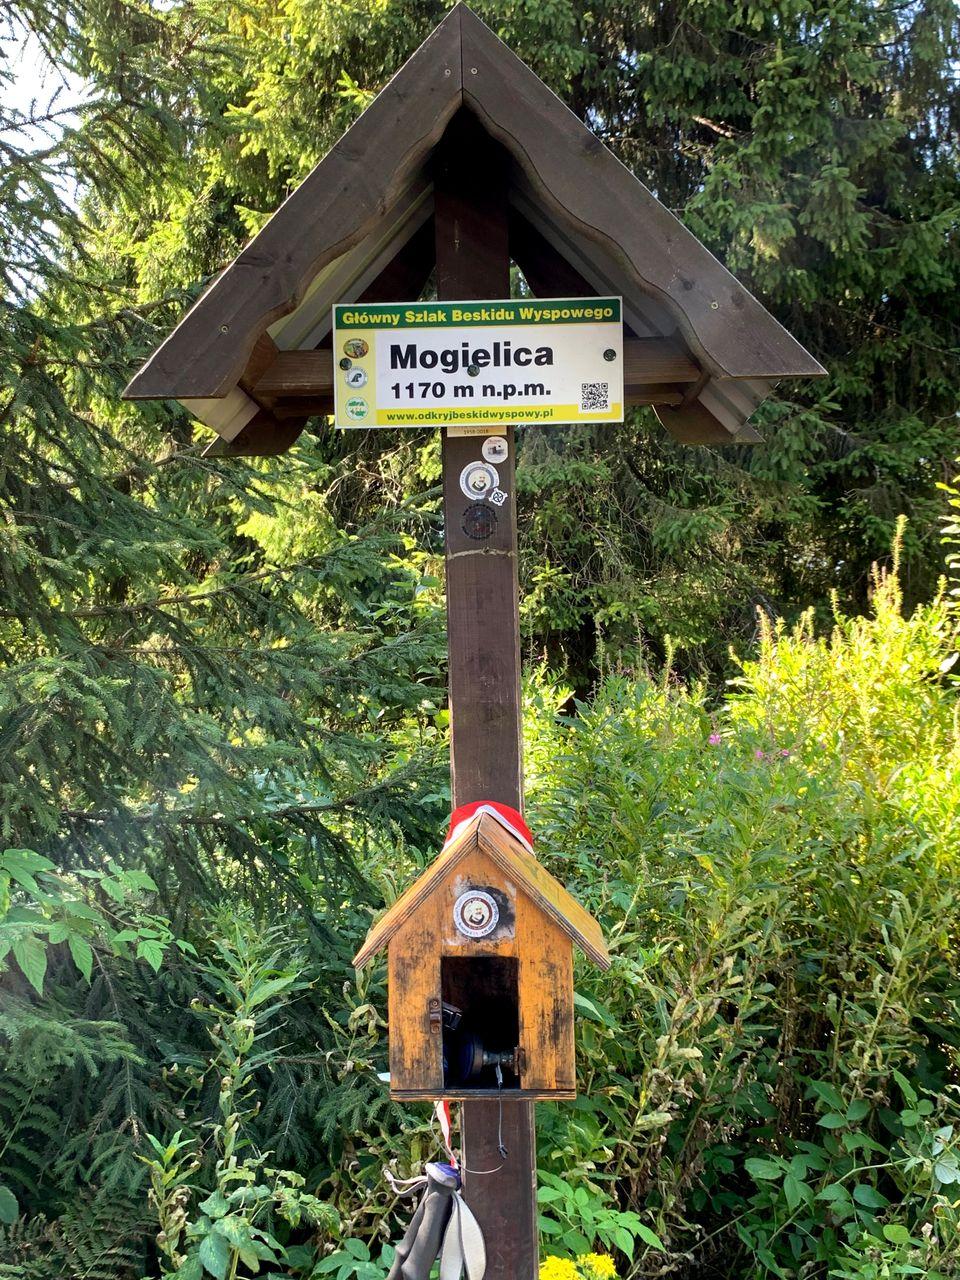 Mogielica, 1170m